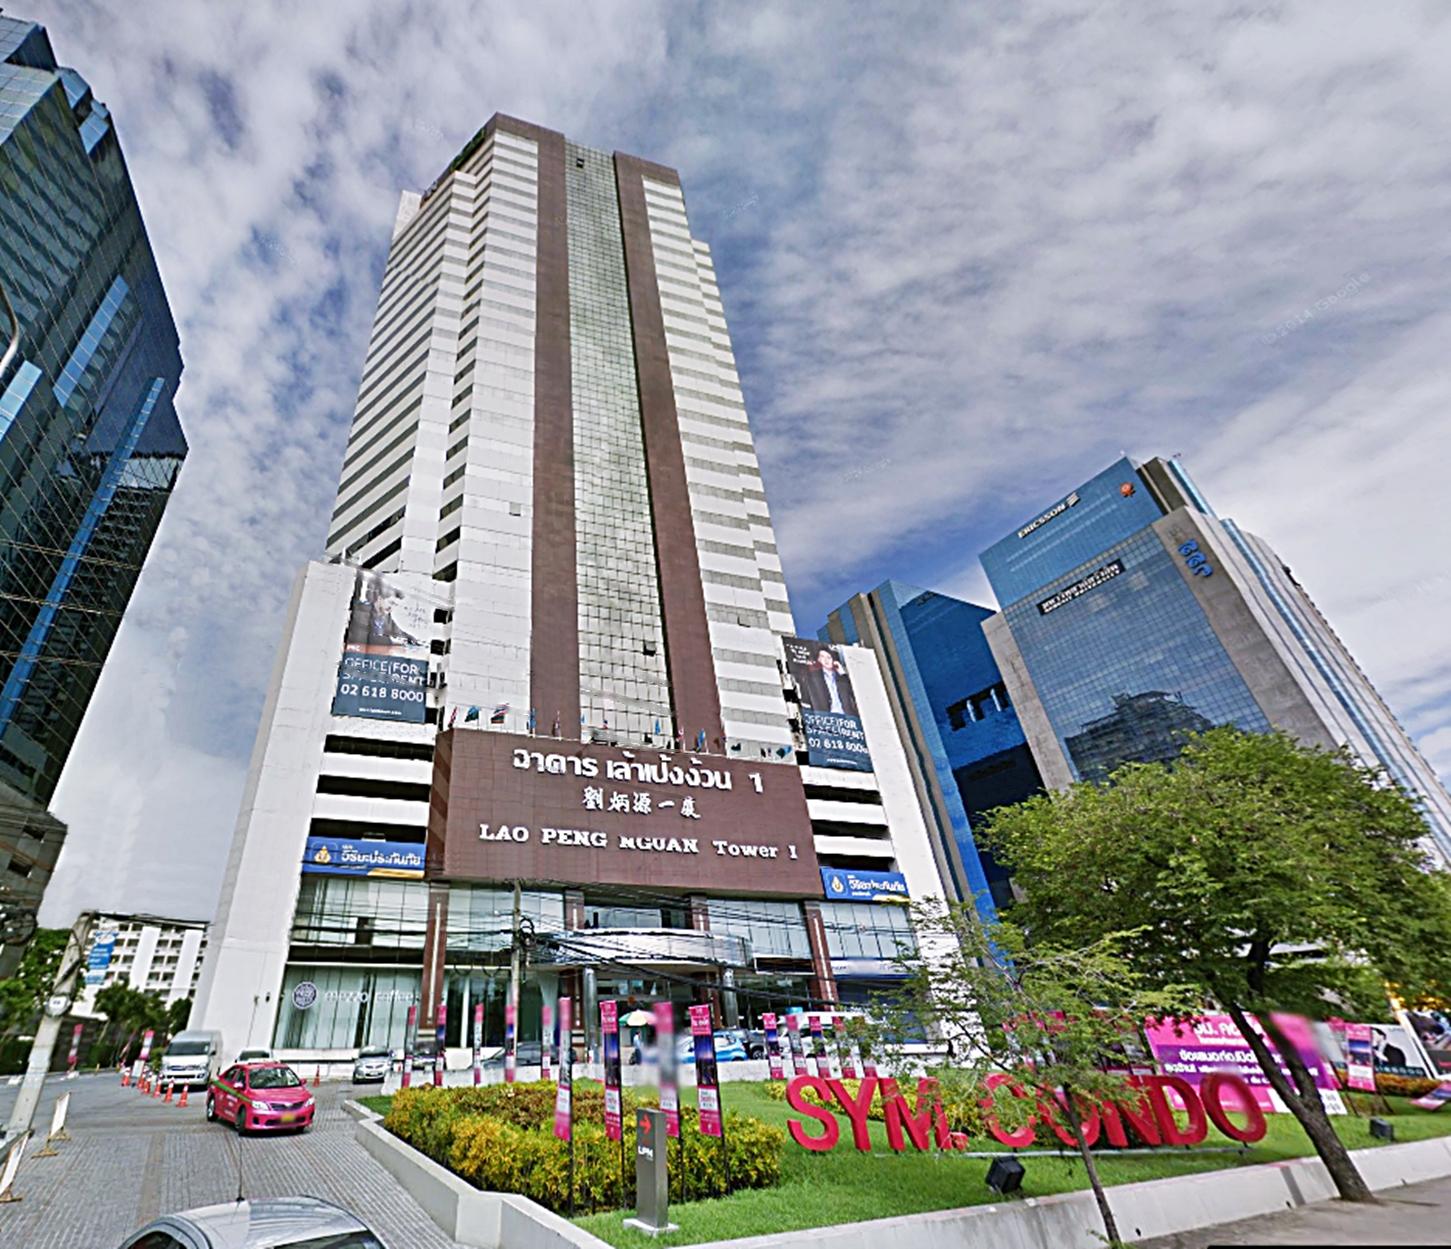 Lao Peng Nguan Tower